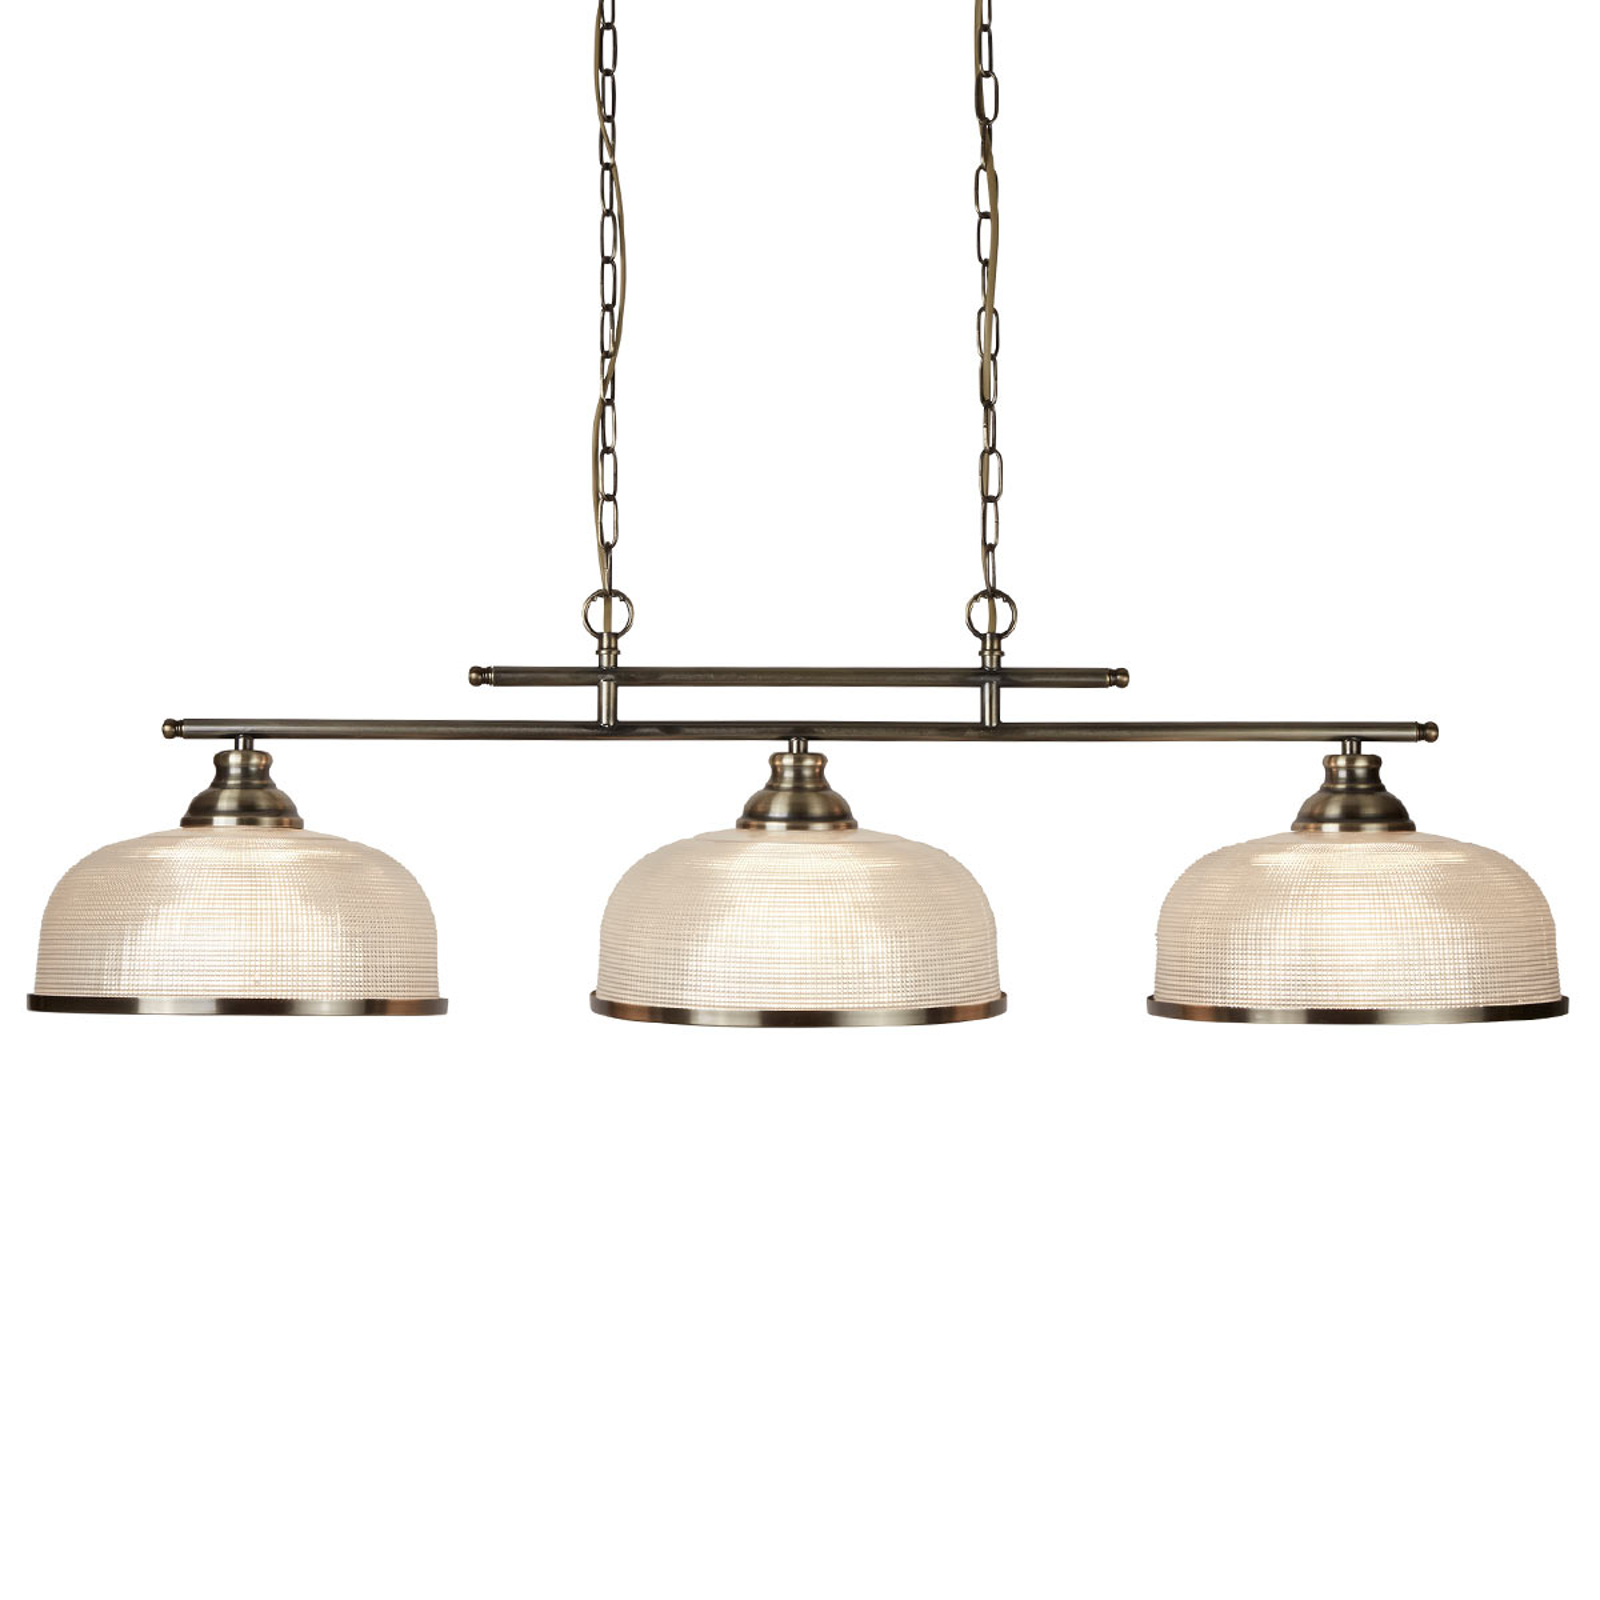 Suspension Bistro II à 3 lampes, laiton ancien